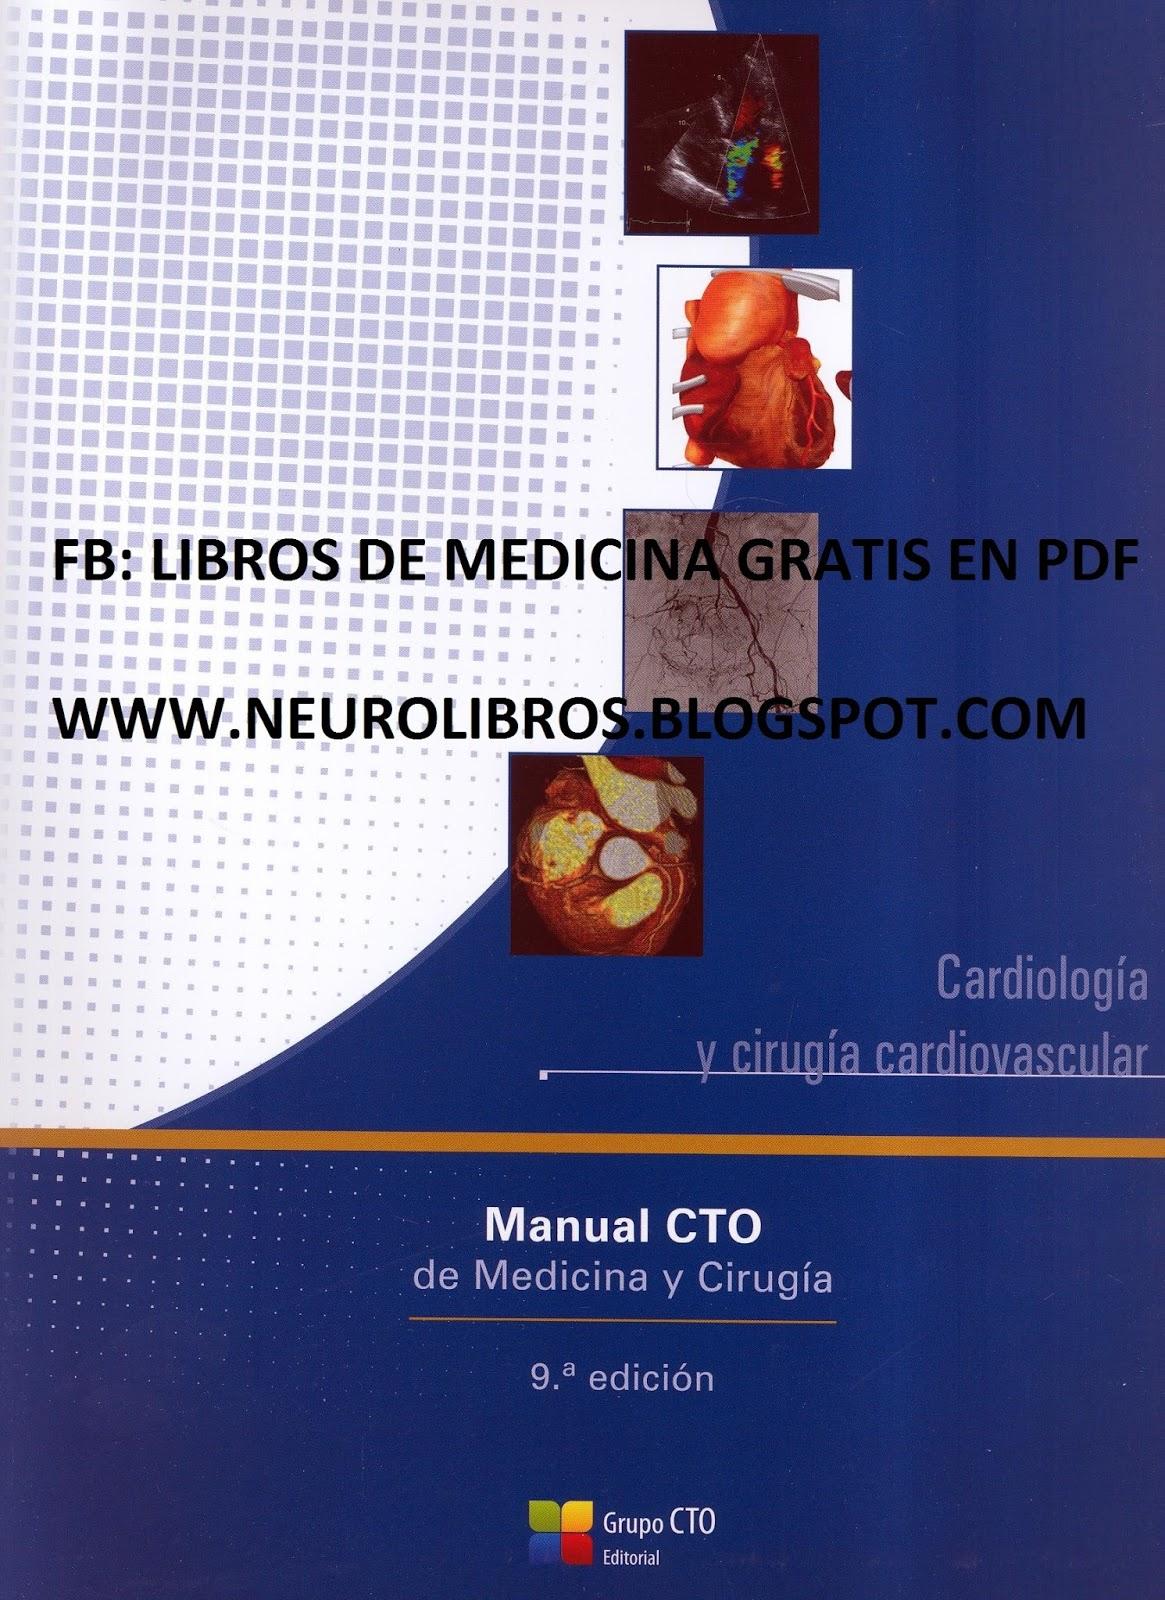 manual cto oftalmologia 9na edicion pdf